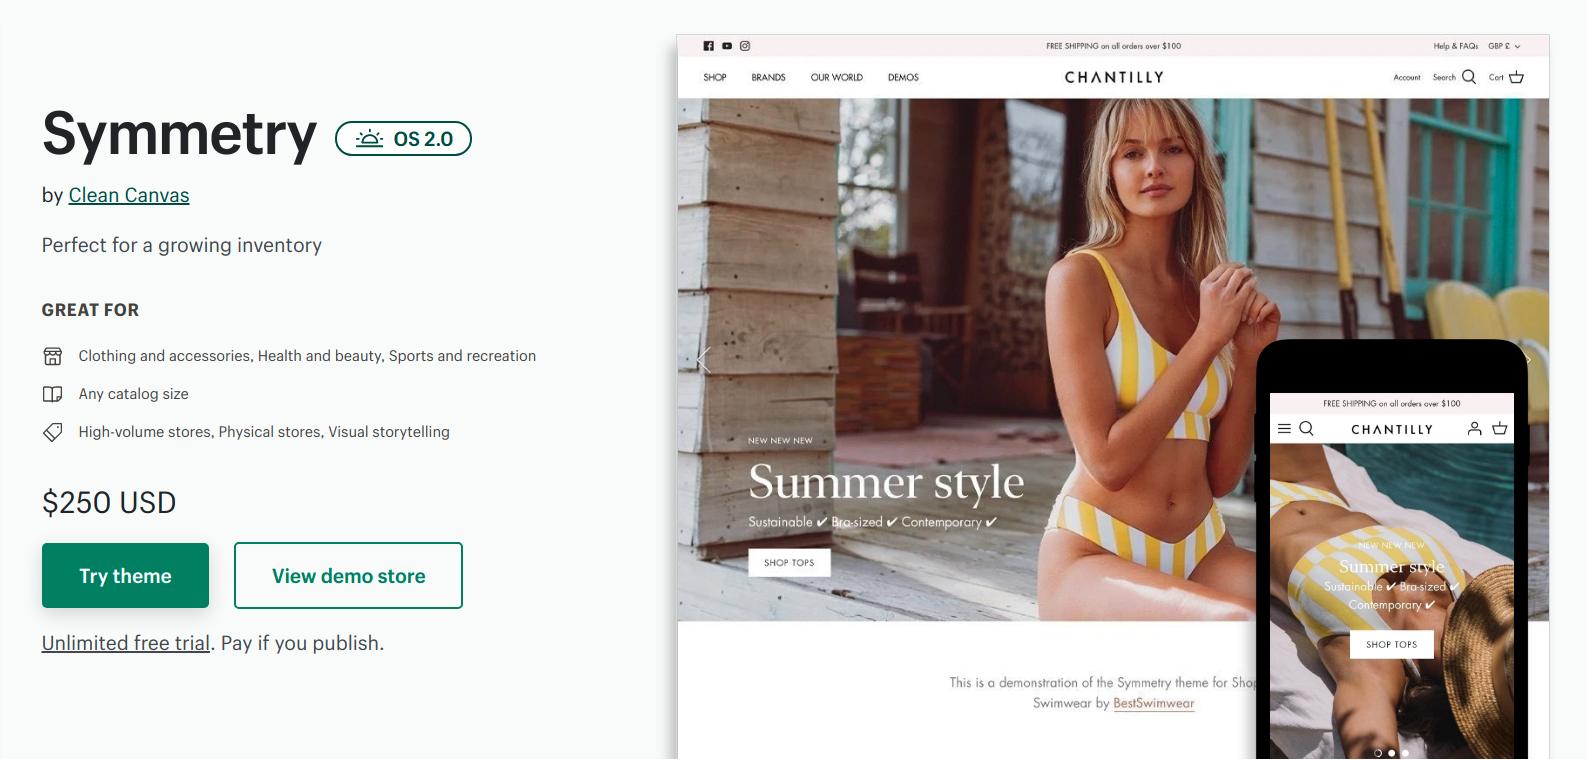 symmetry-online-store-2-shopify-theme